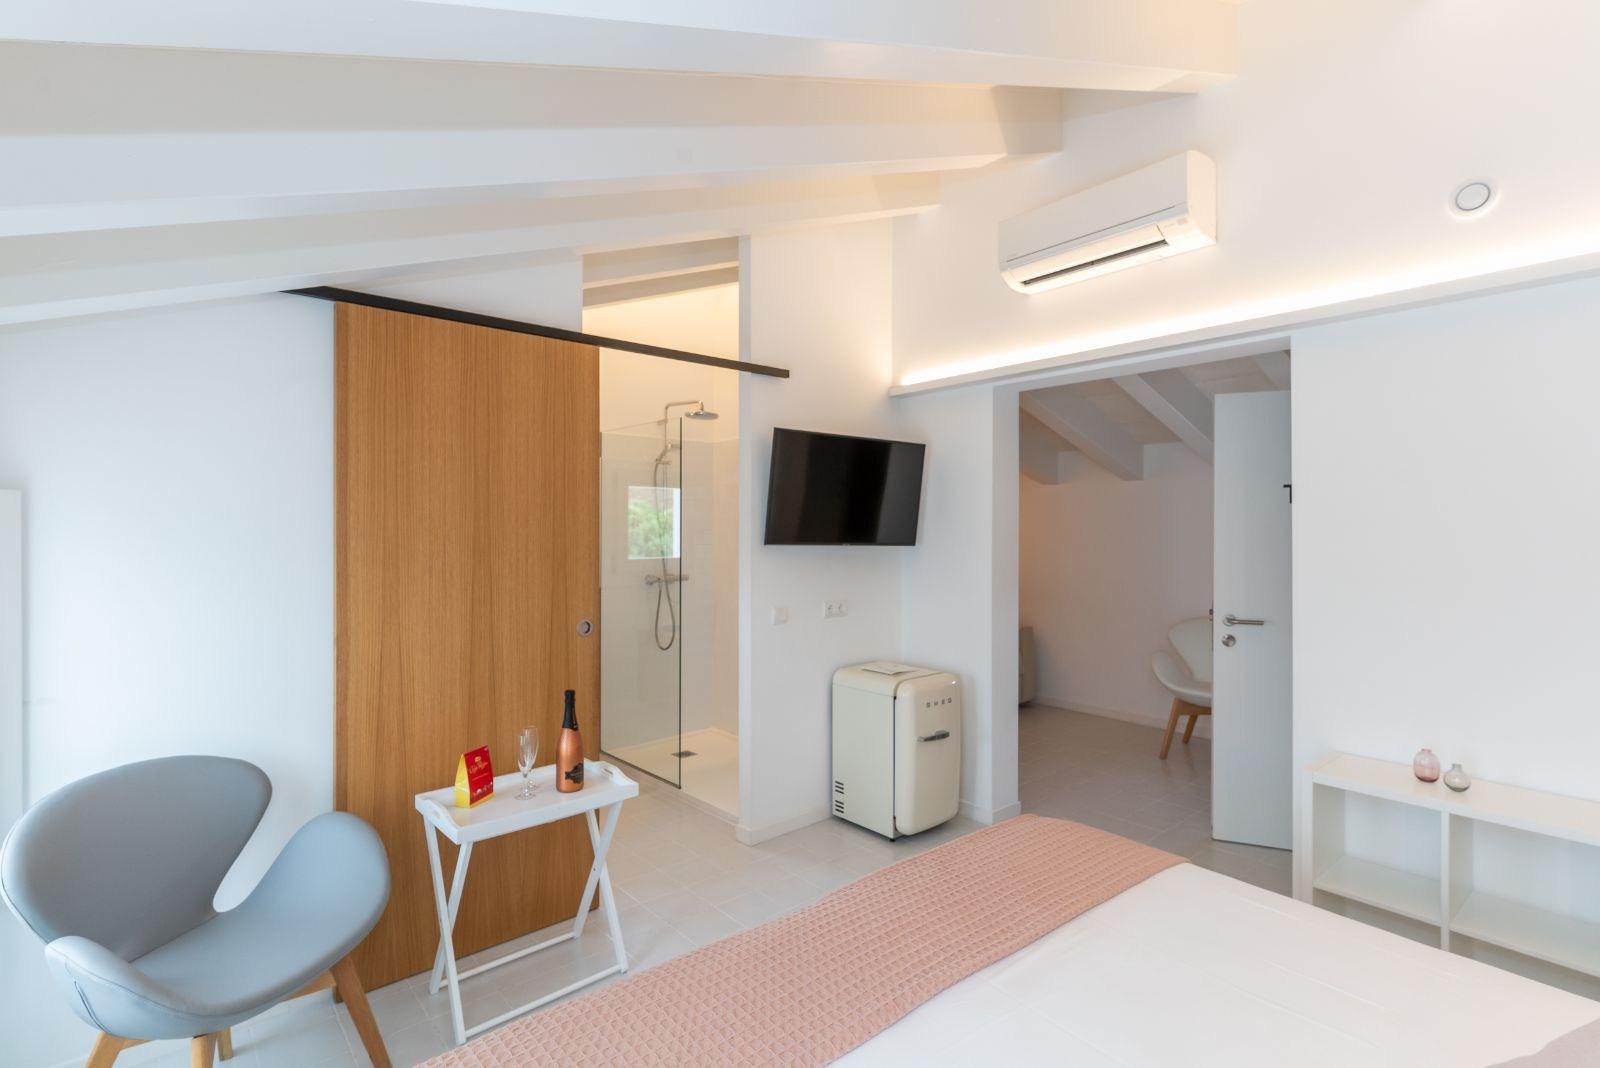 Attic family suite room m - 27